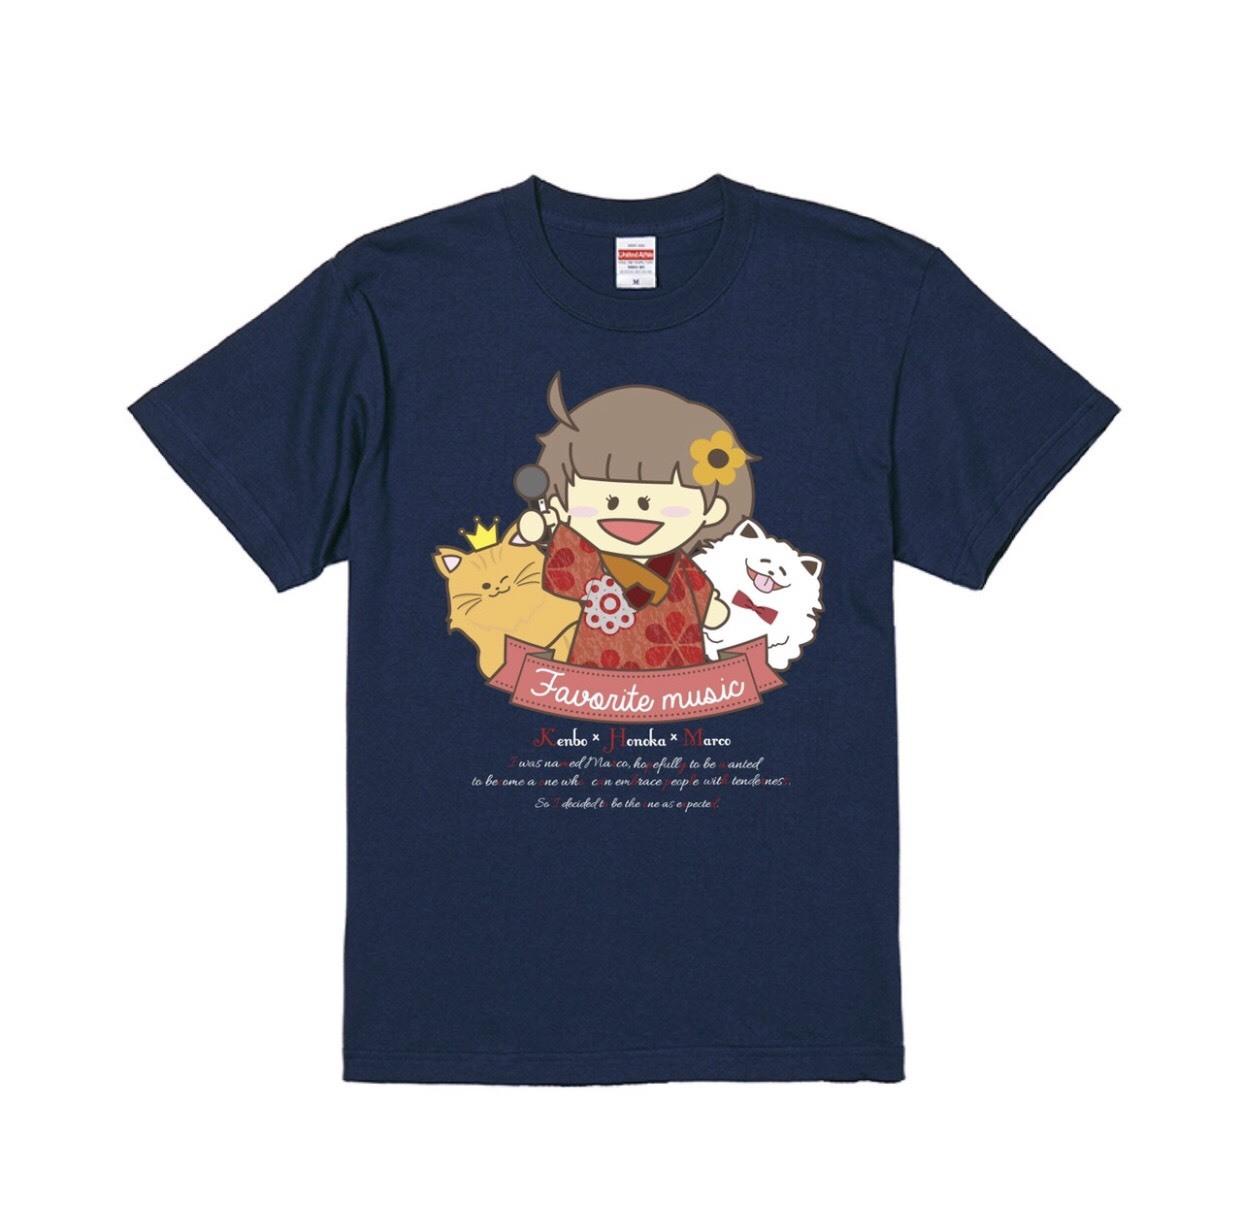 追加!<限定記念Tシャツ(ネイビーver) プラン>